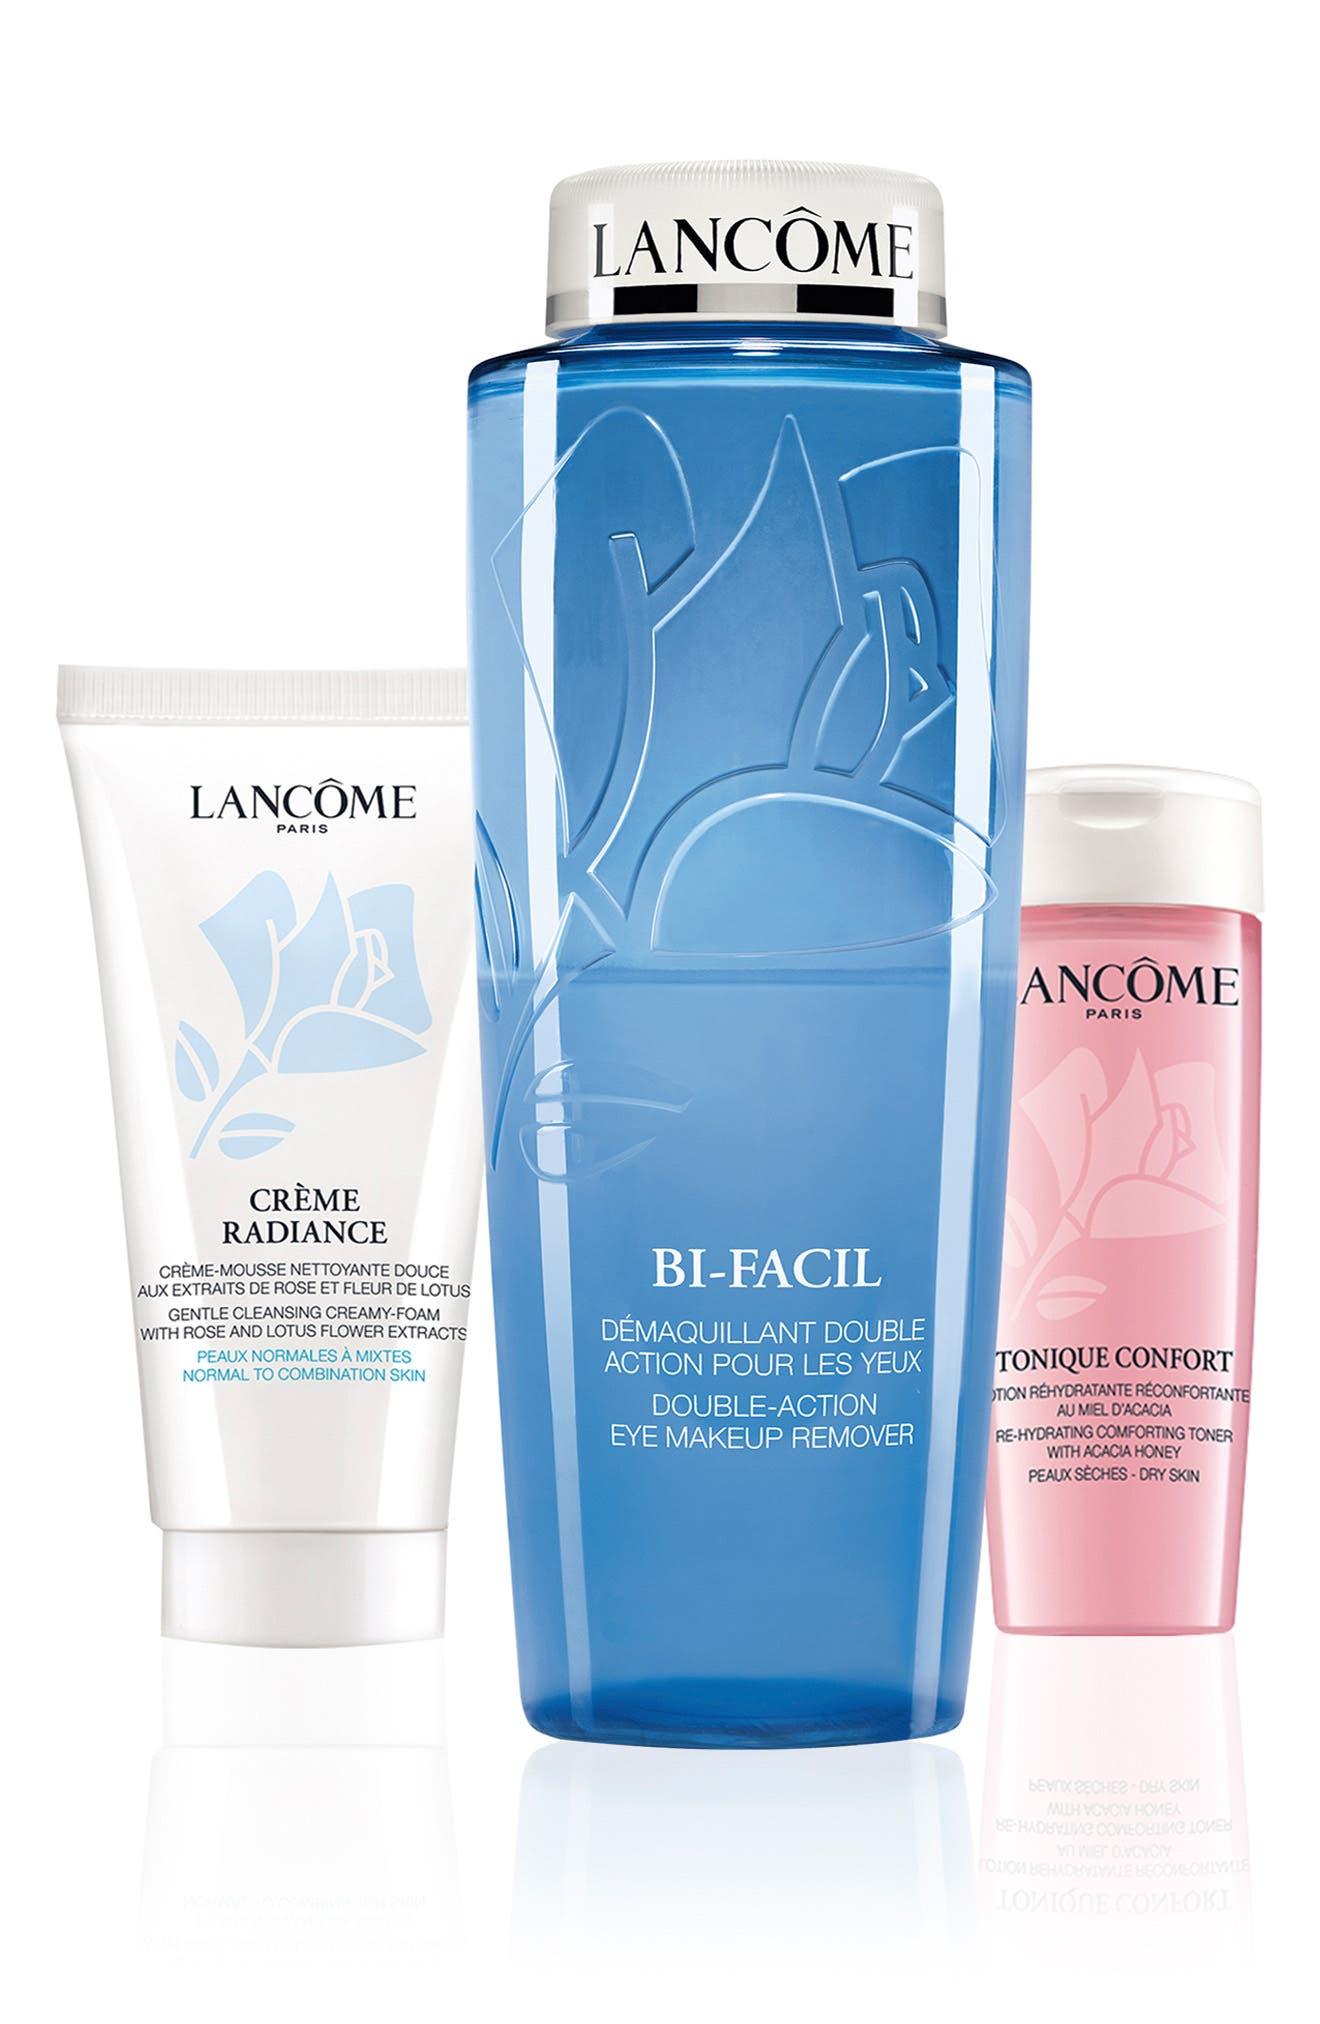 Lancome Bifacial Cleansing, Refreshing & Purifying Set